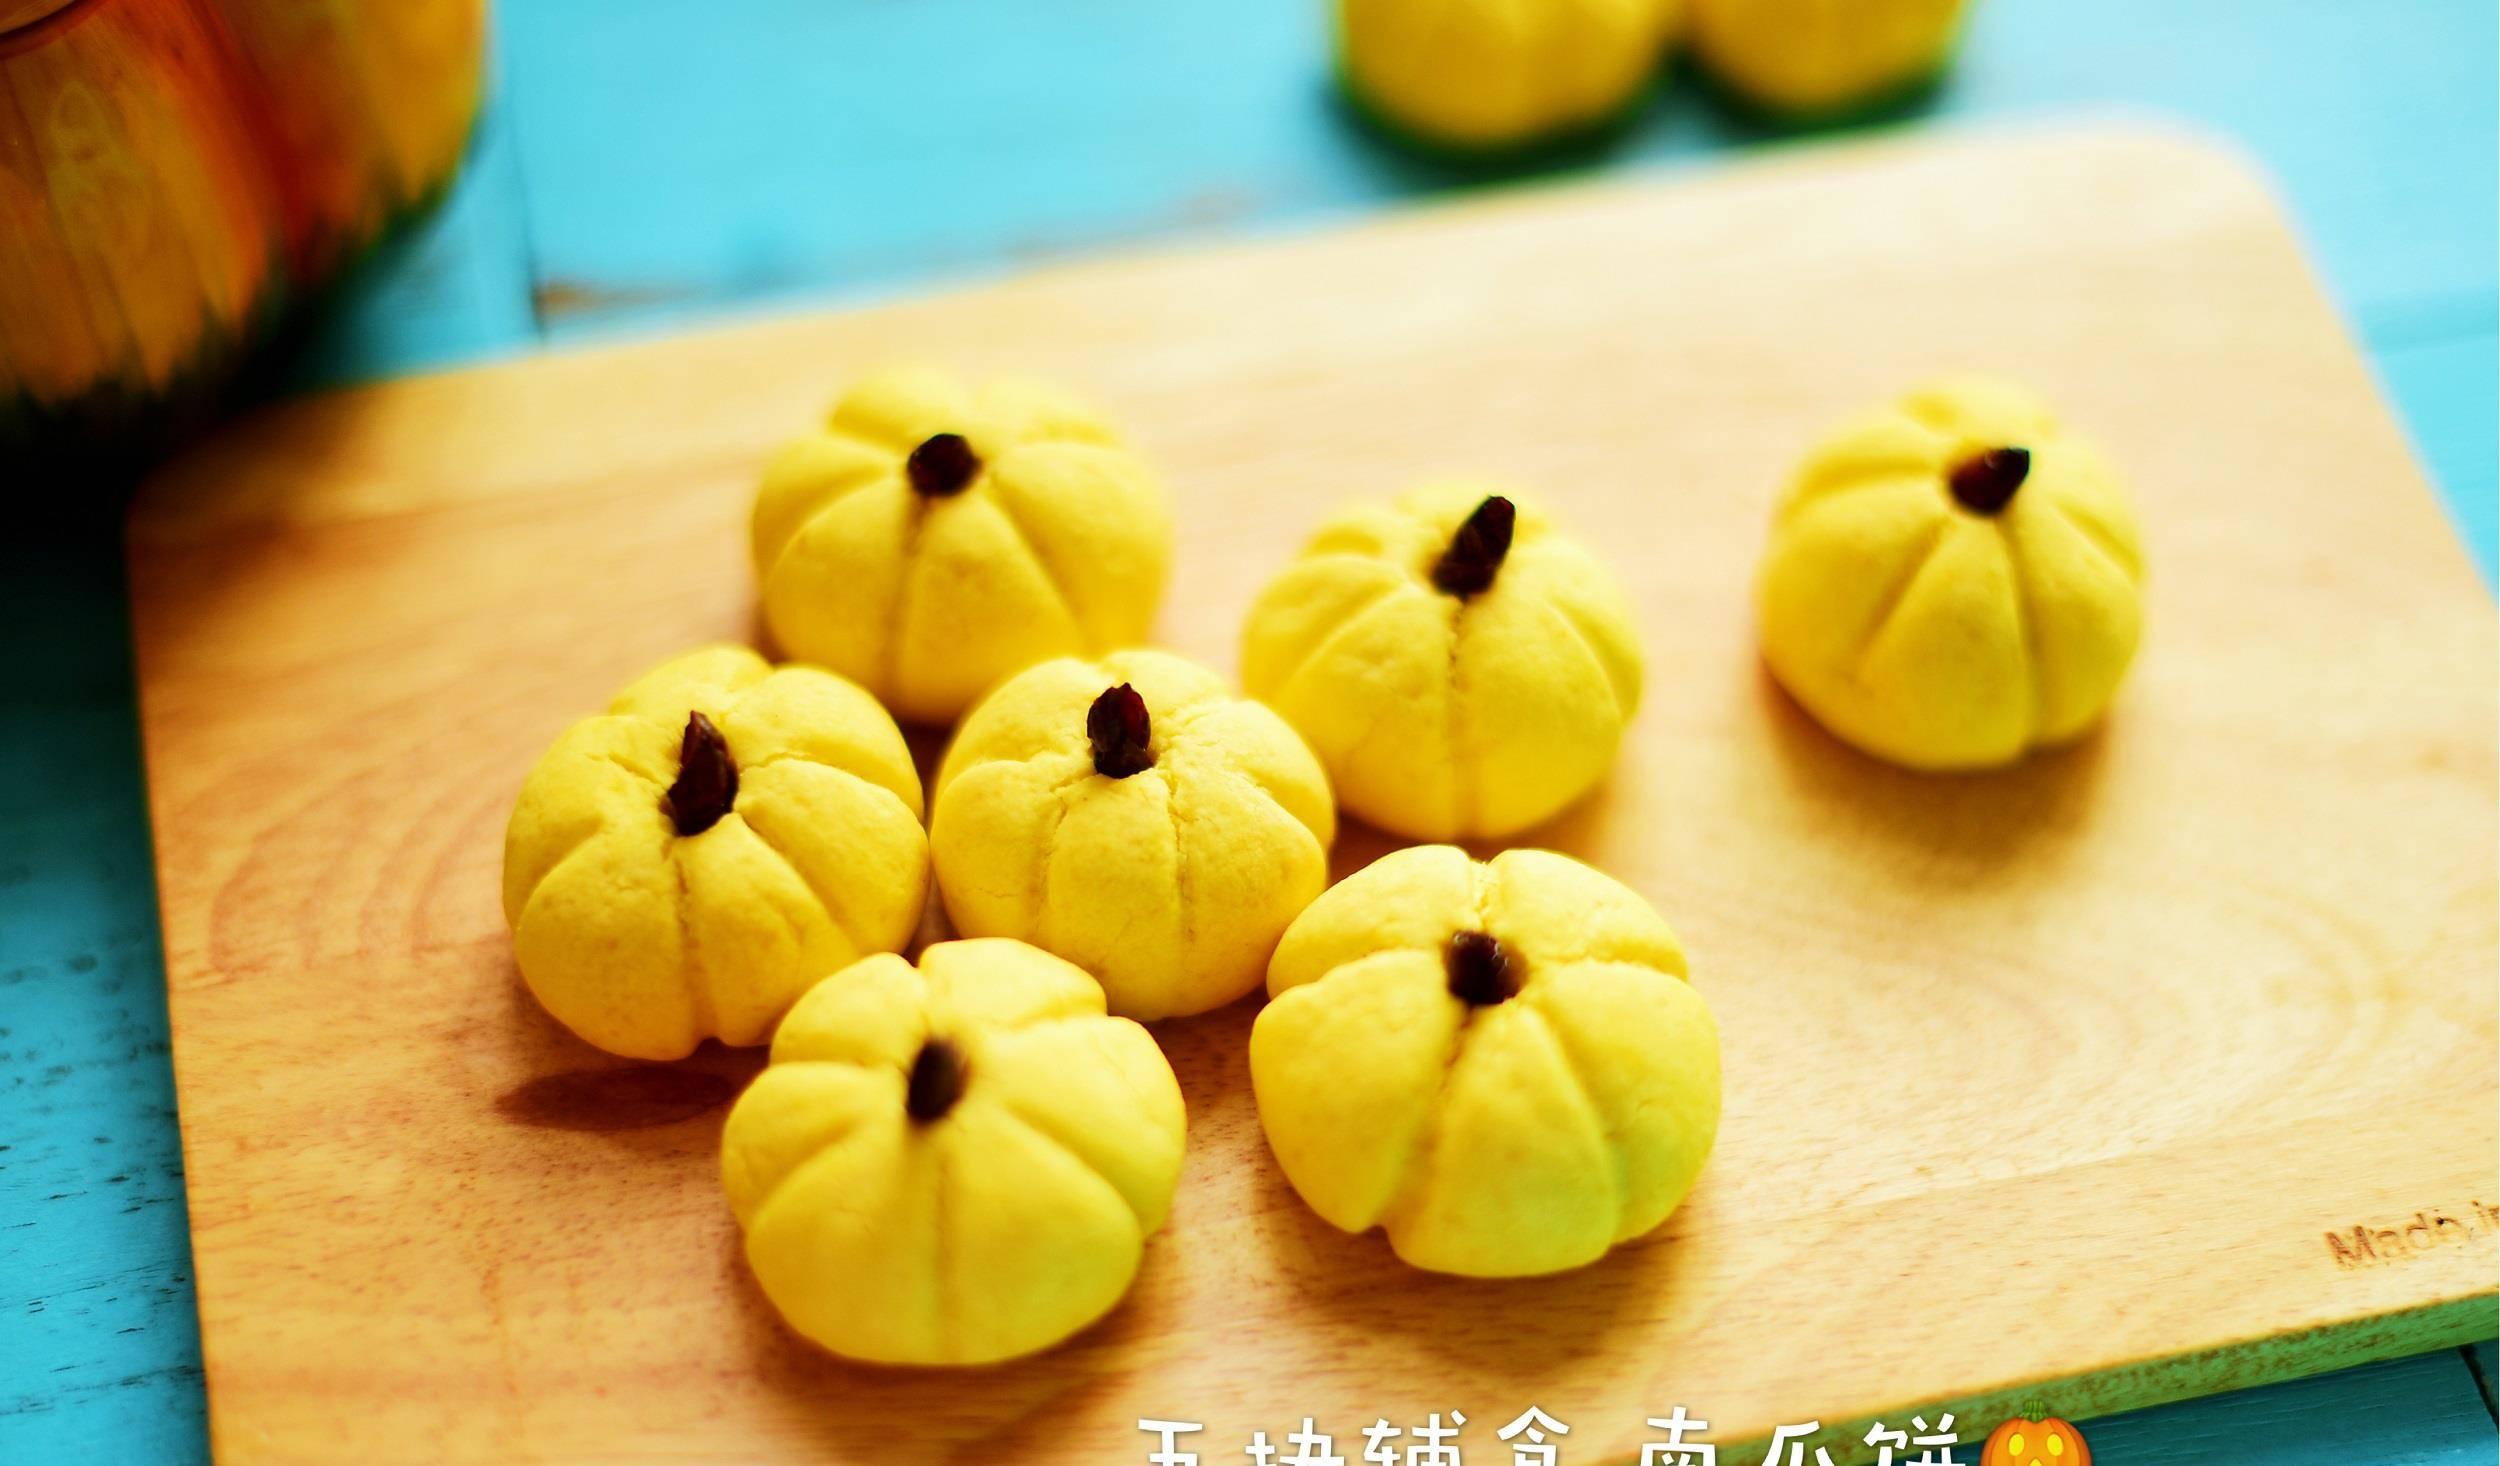 南瓜饼干,金黄可爱,无价营养小辅食